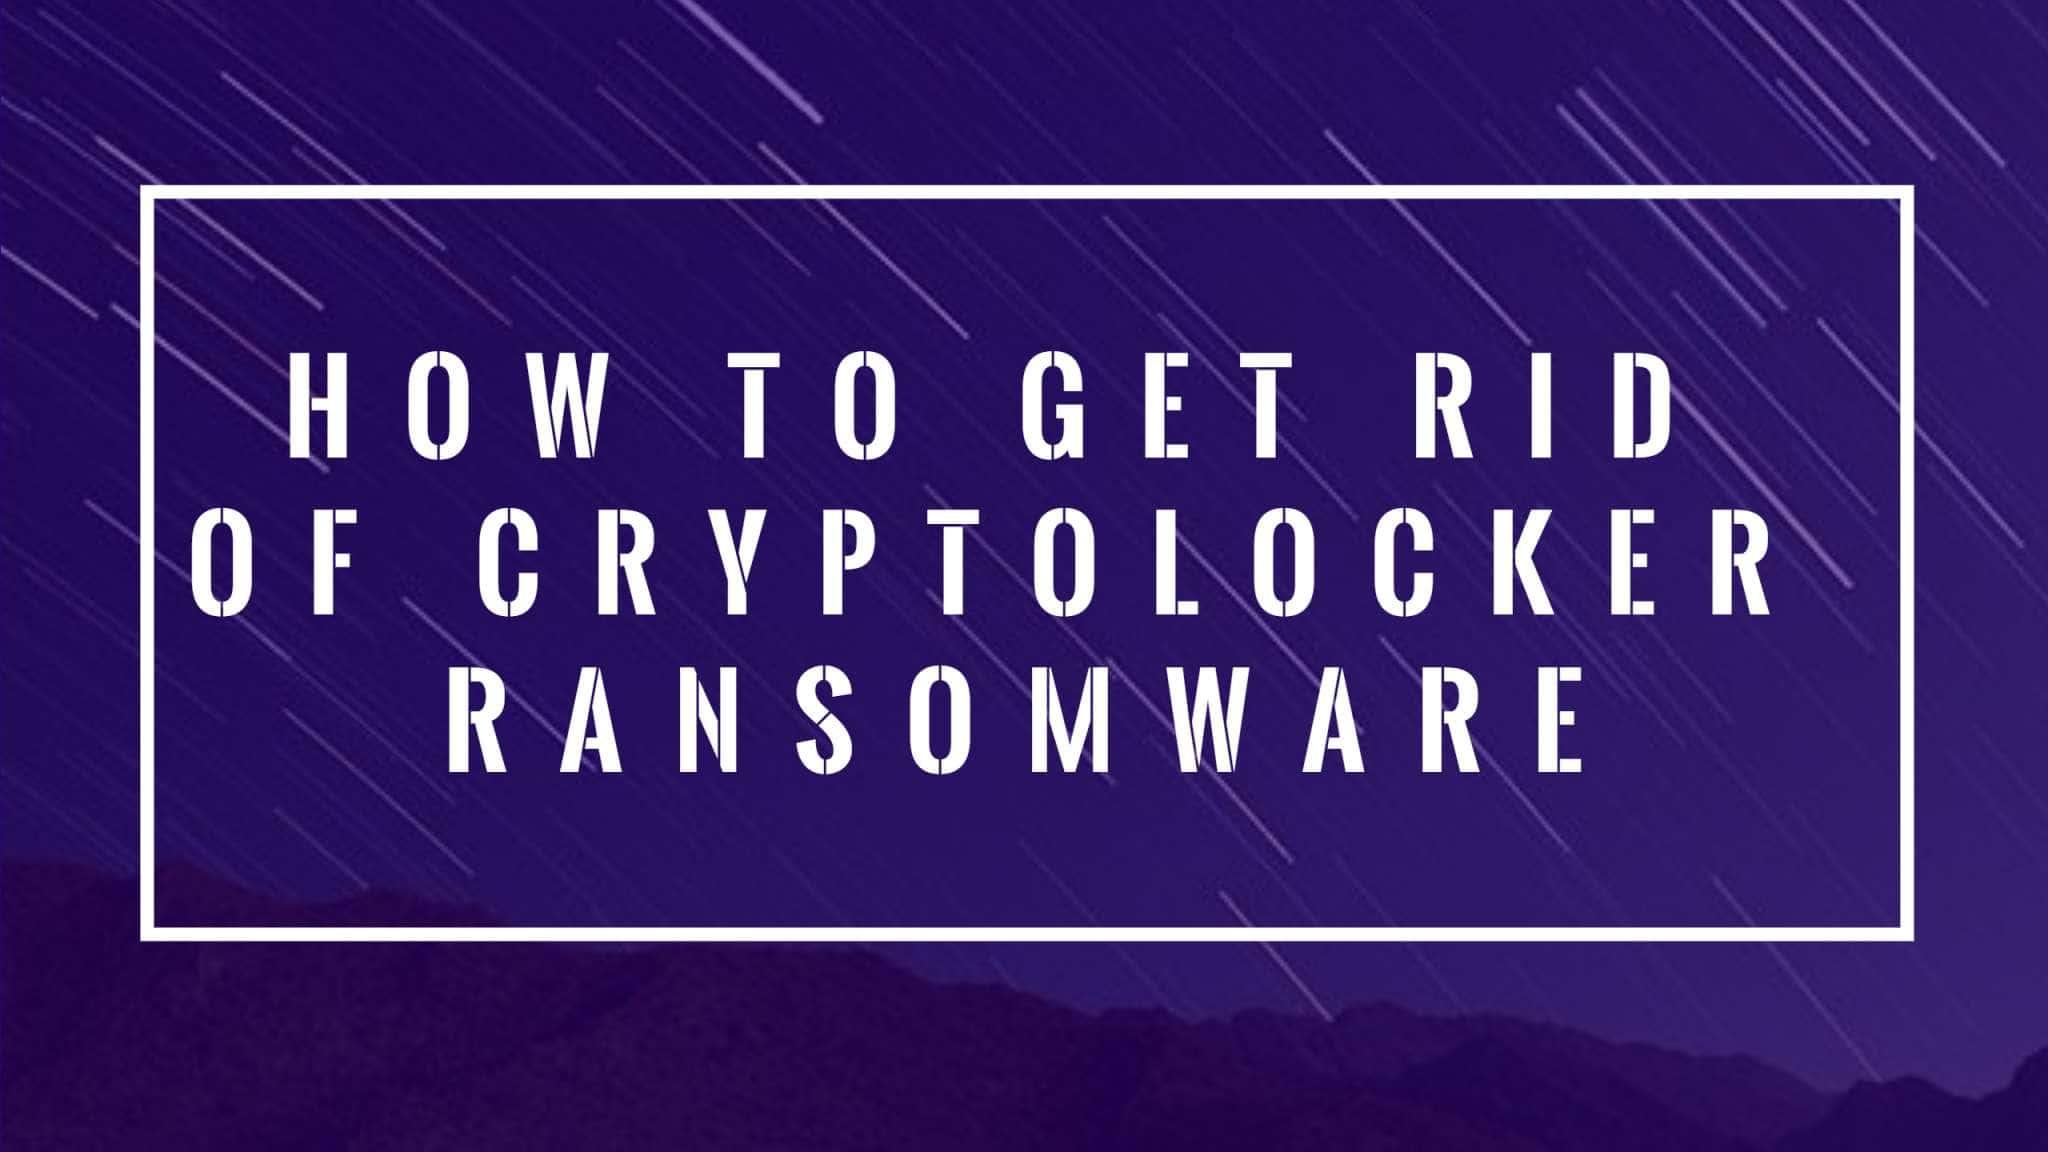 Remove Cryptolocker Ransomware